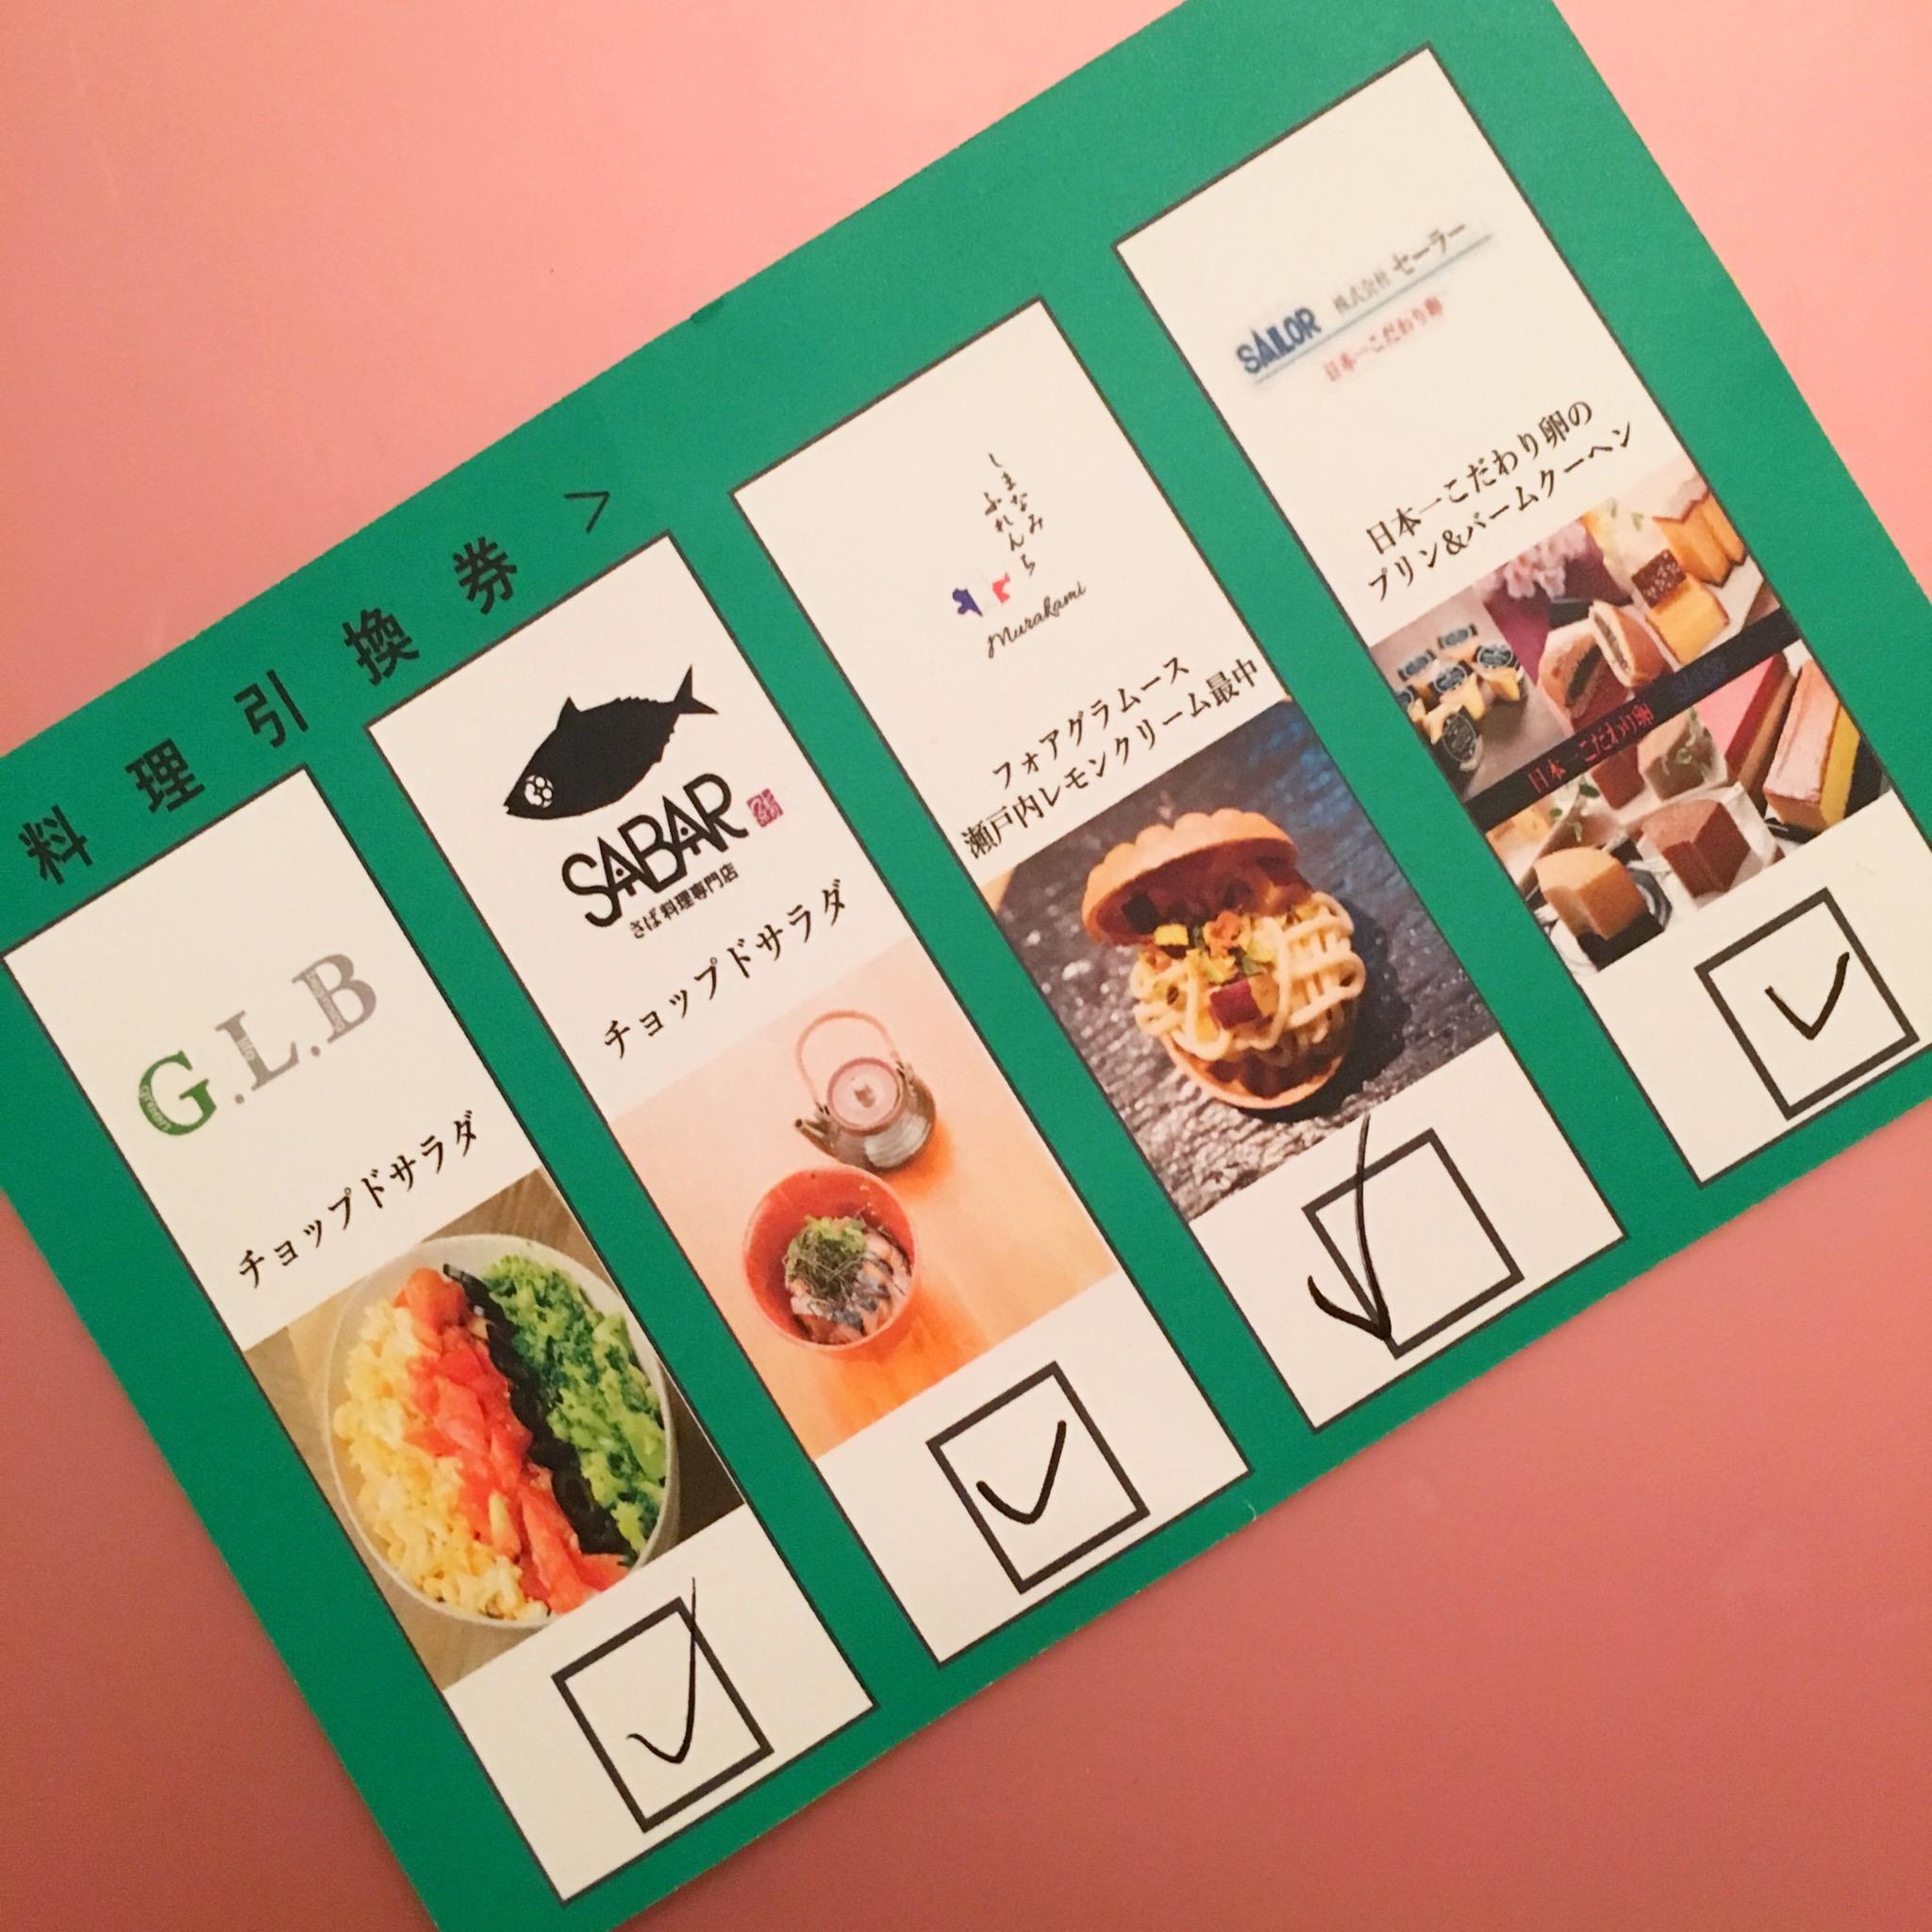 ホリエモン祭,大阪グルメ祭,爆食会